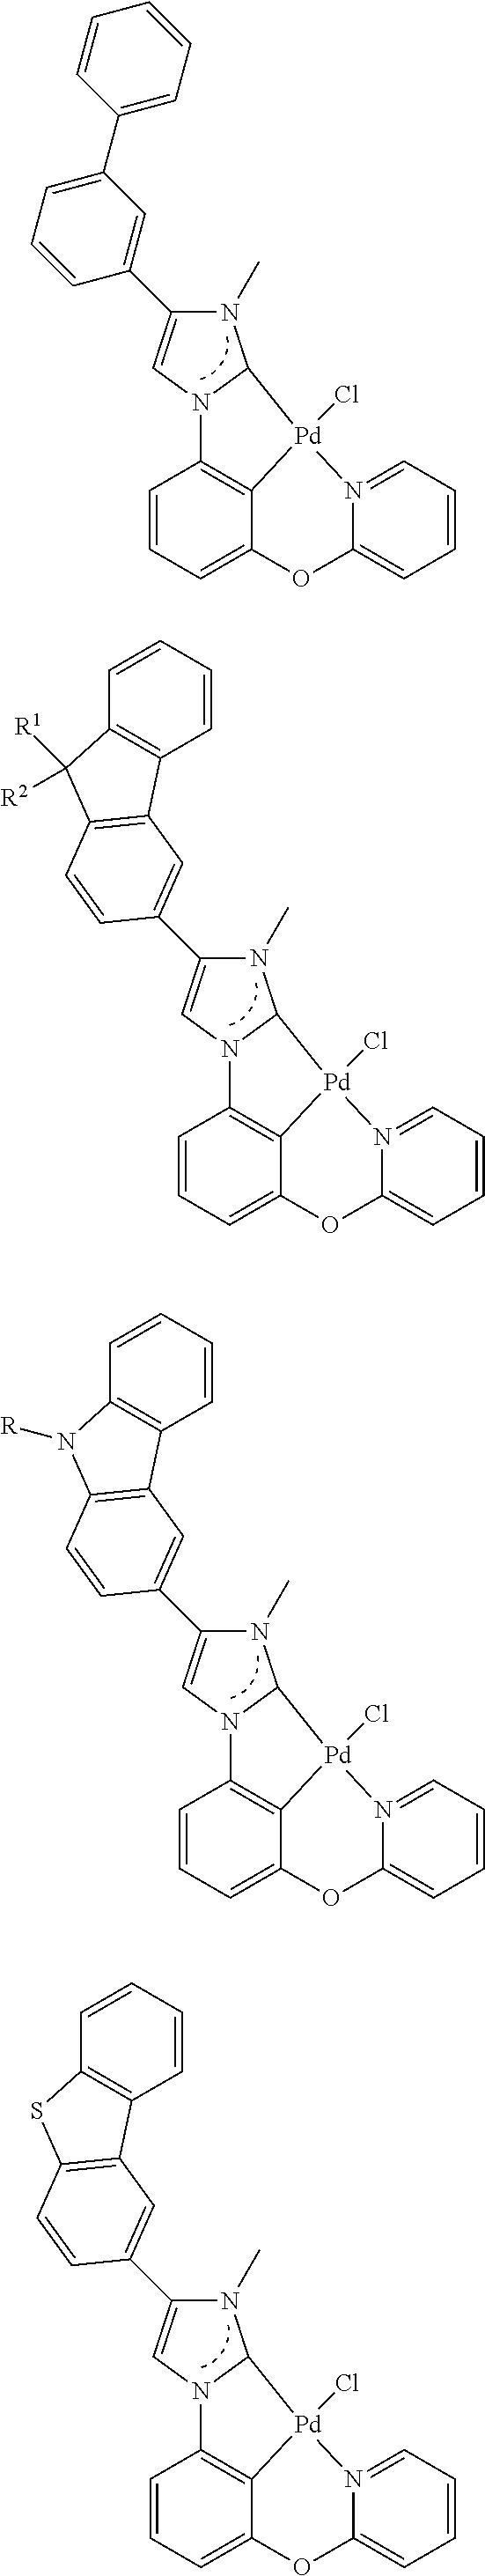 Figure US09818959-20171114-C00185